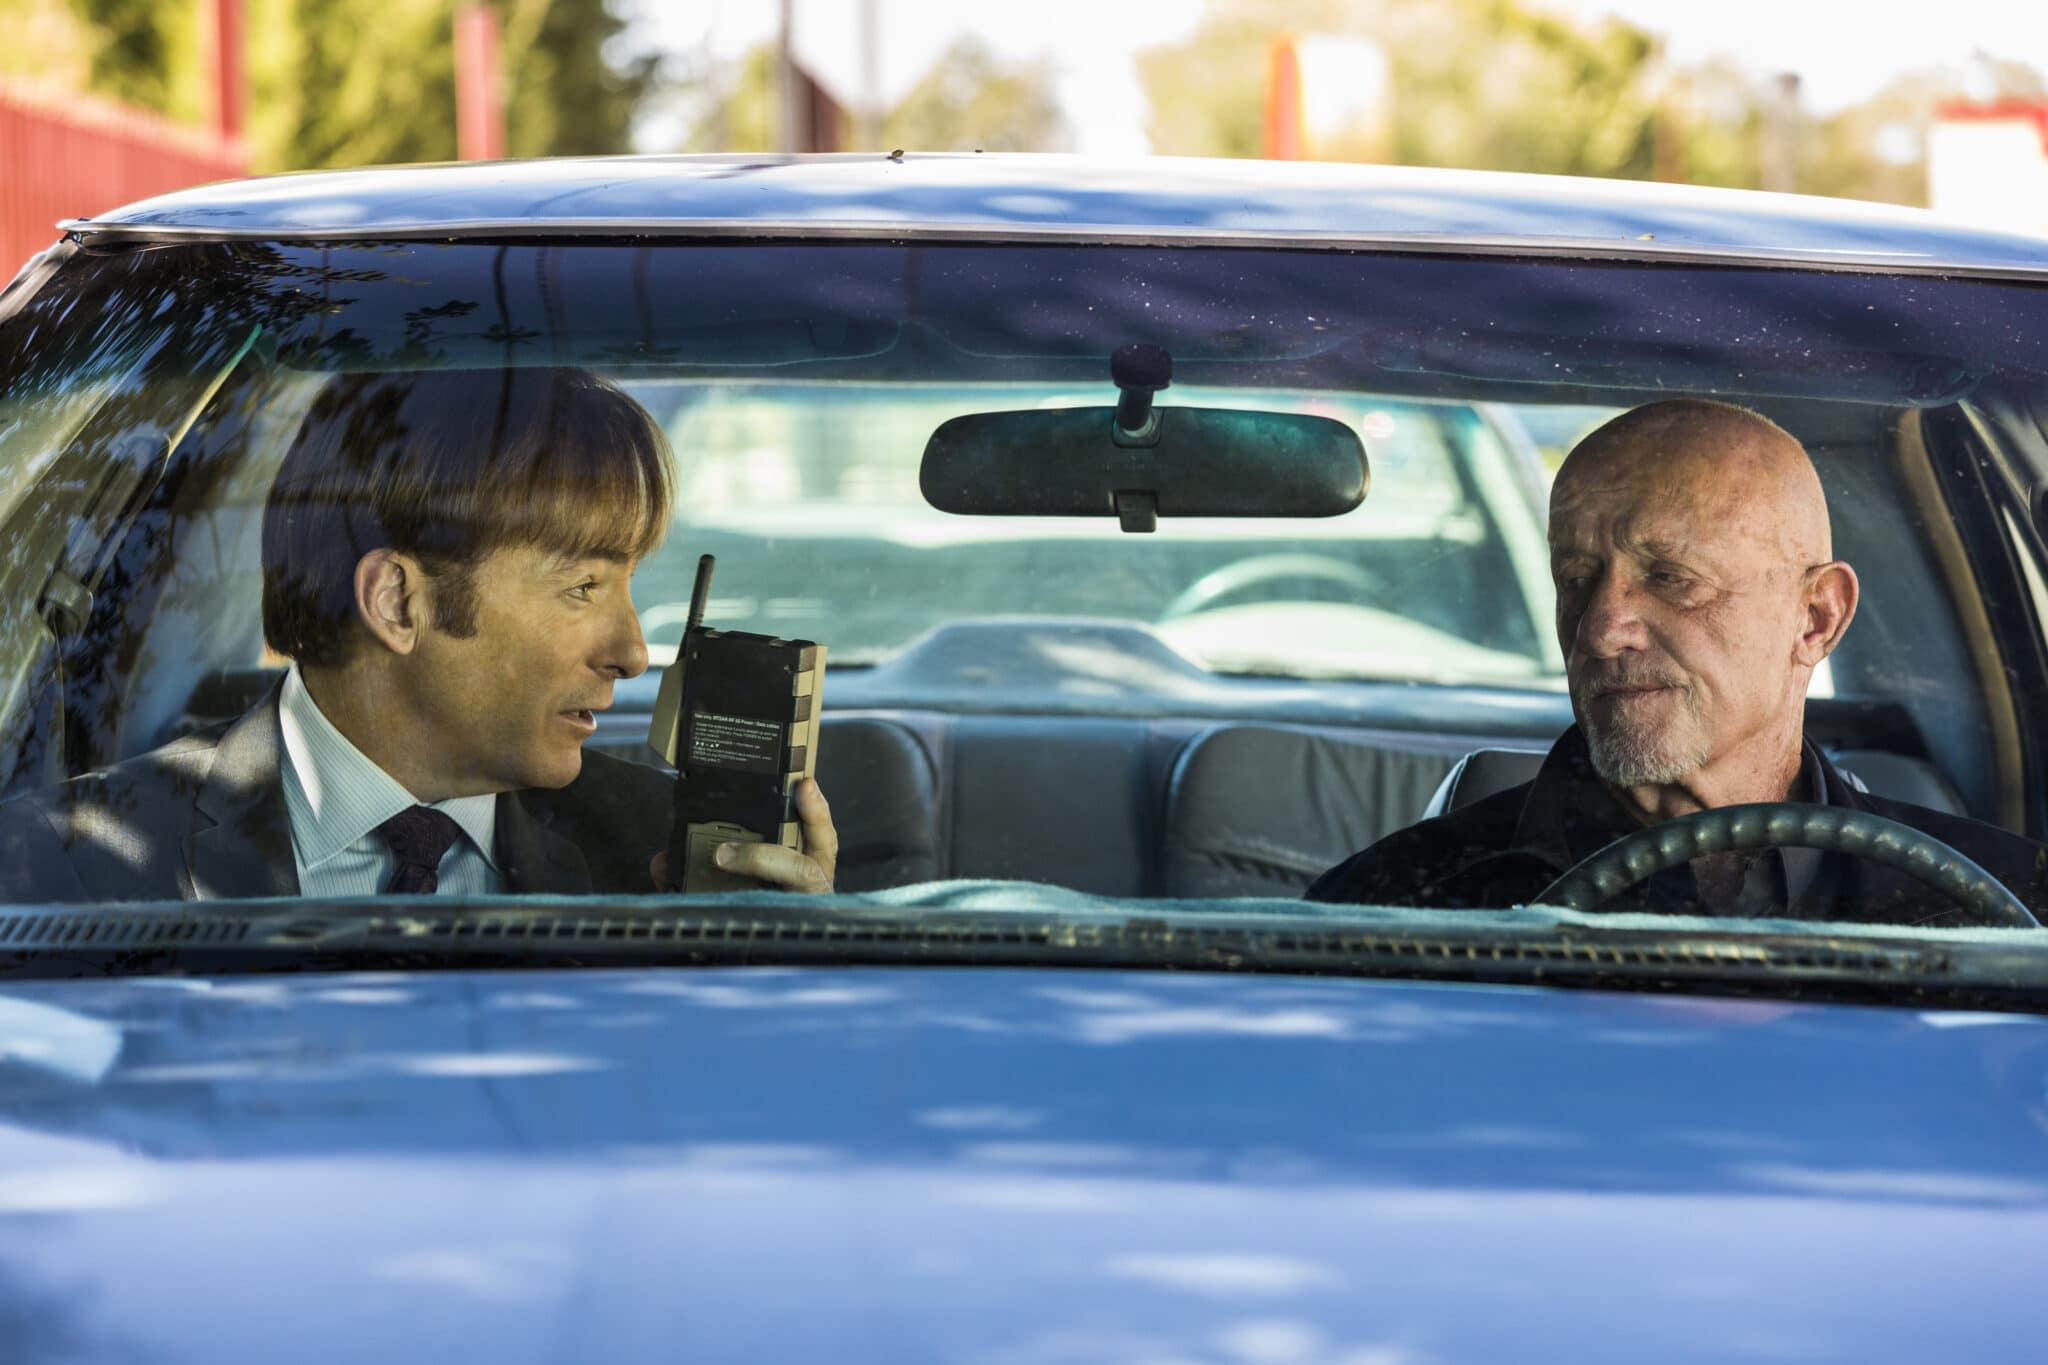 Jimmy (Bob Odenkirk) und Mike (Jonathan Banks) fahren in einem blauen Wagen. Sie blicken sich gegenseitig an während Jimmy ein Telefon hochhält.